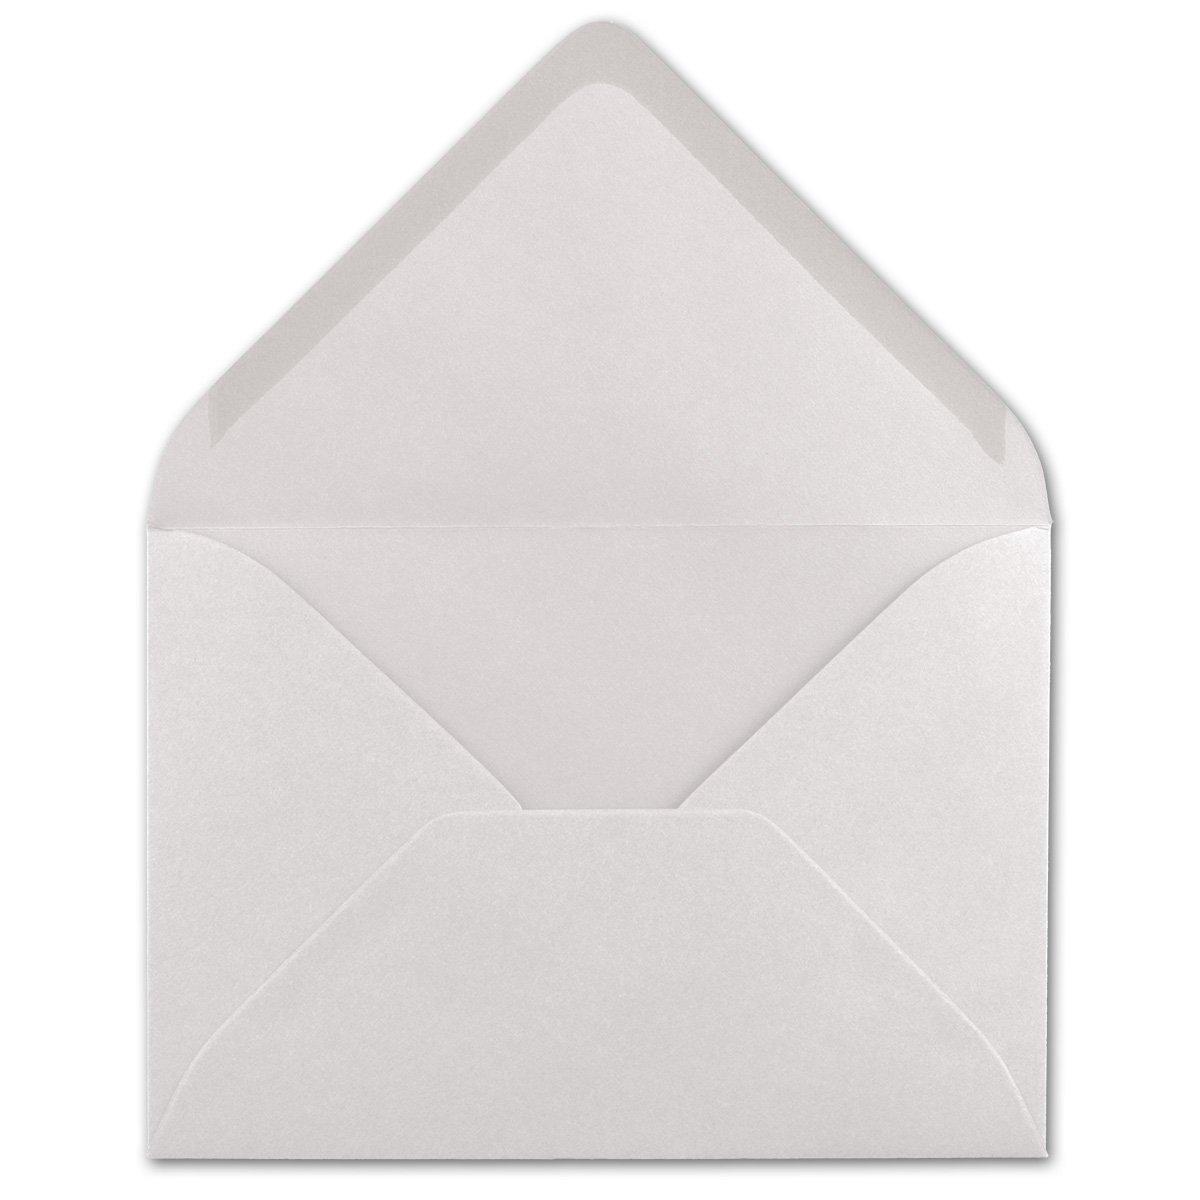 120 g//m/² Nassklebung Brief-H/üllen ohne Fenster f/ür Einladungen von Ihrem Gl/üxx-Agent 11,4 x 16,2 cm 50 DIN C6 Briefumschl/äge Hochwei/ß